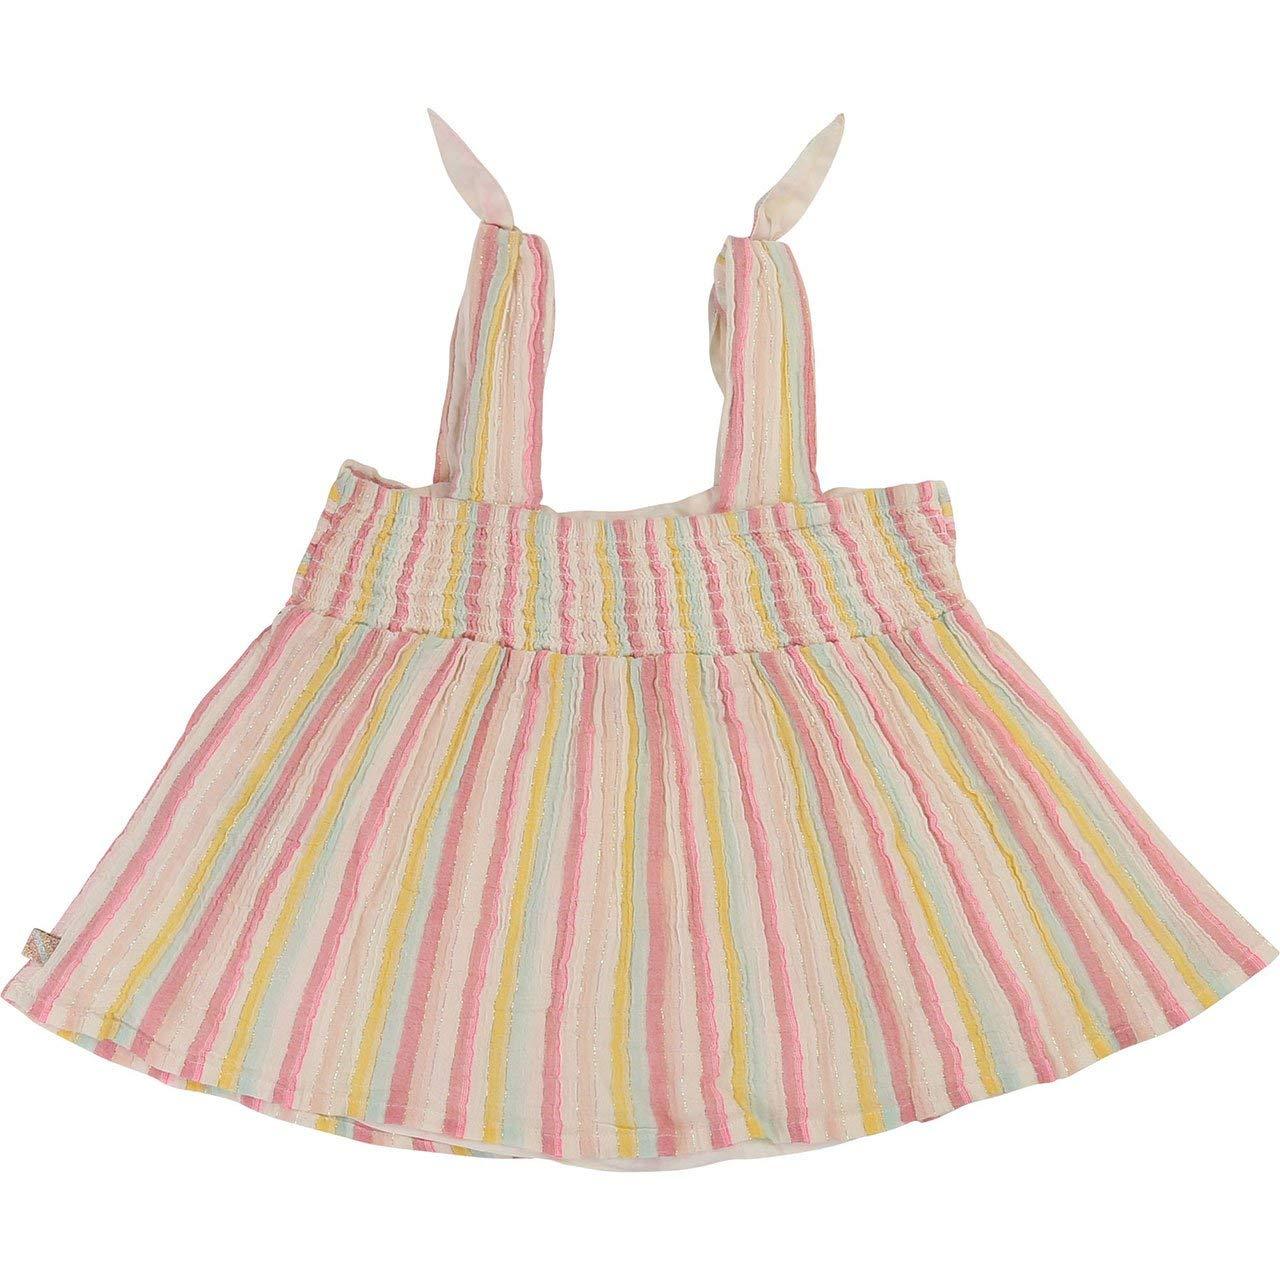 Toddler Girls Striped Crepe Tank Billieblush Yellow Size 3